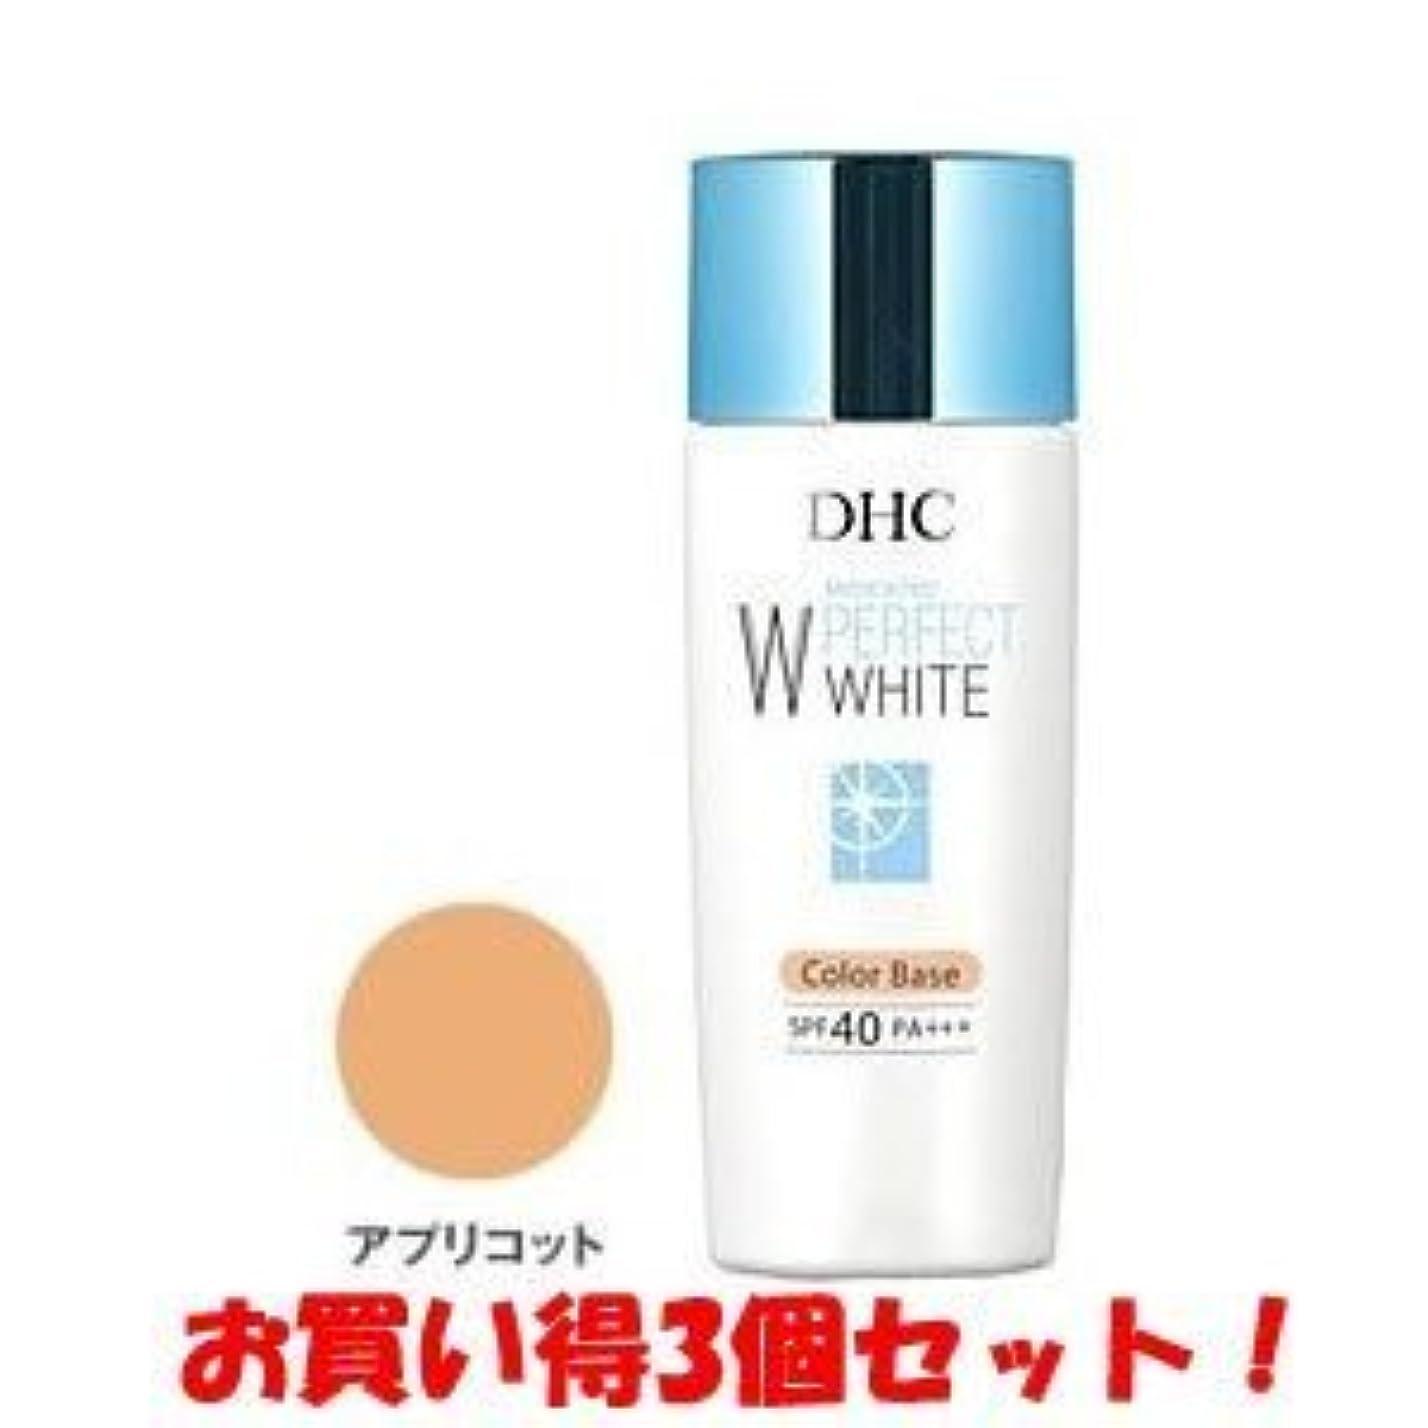 勧める原理研磨剤DHC 薬用パーフェクトホワイト カラーベース アプリコット 30g(医薬部外品)(お買い得3個セット)